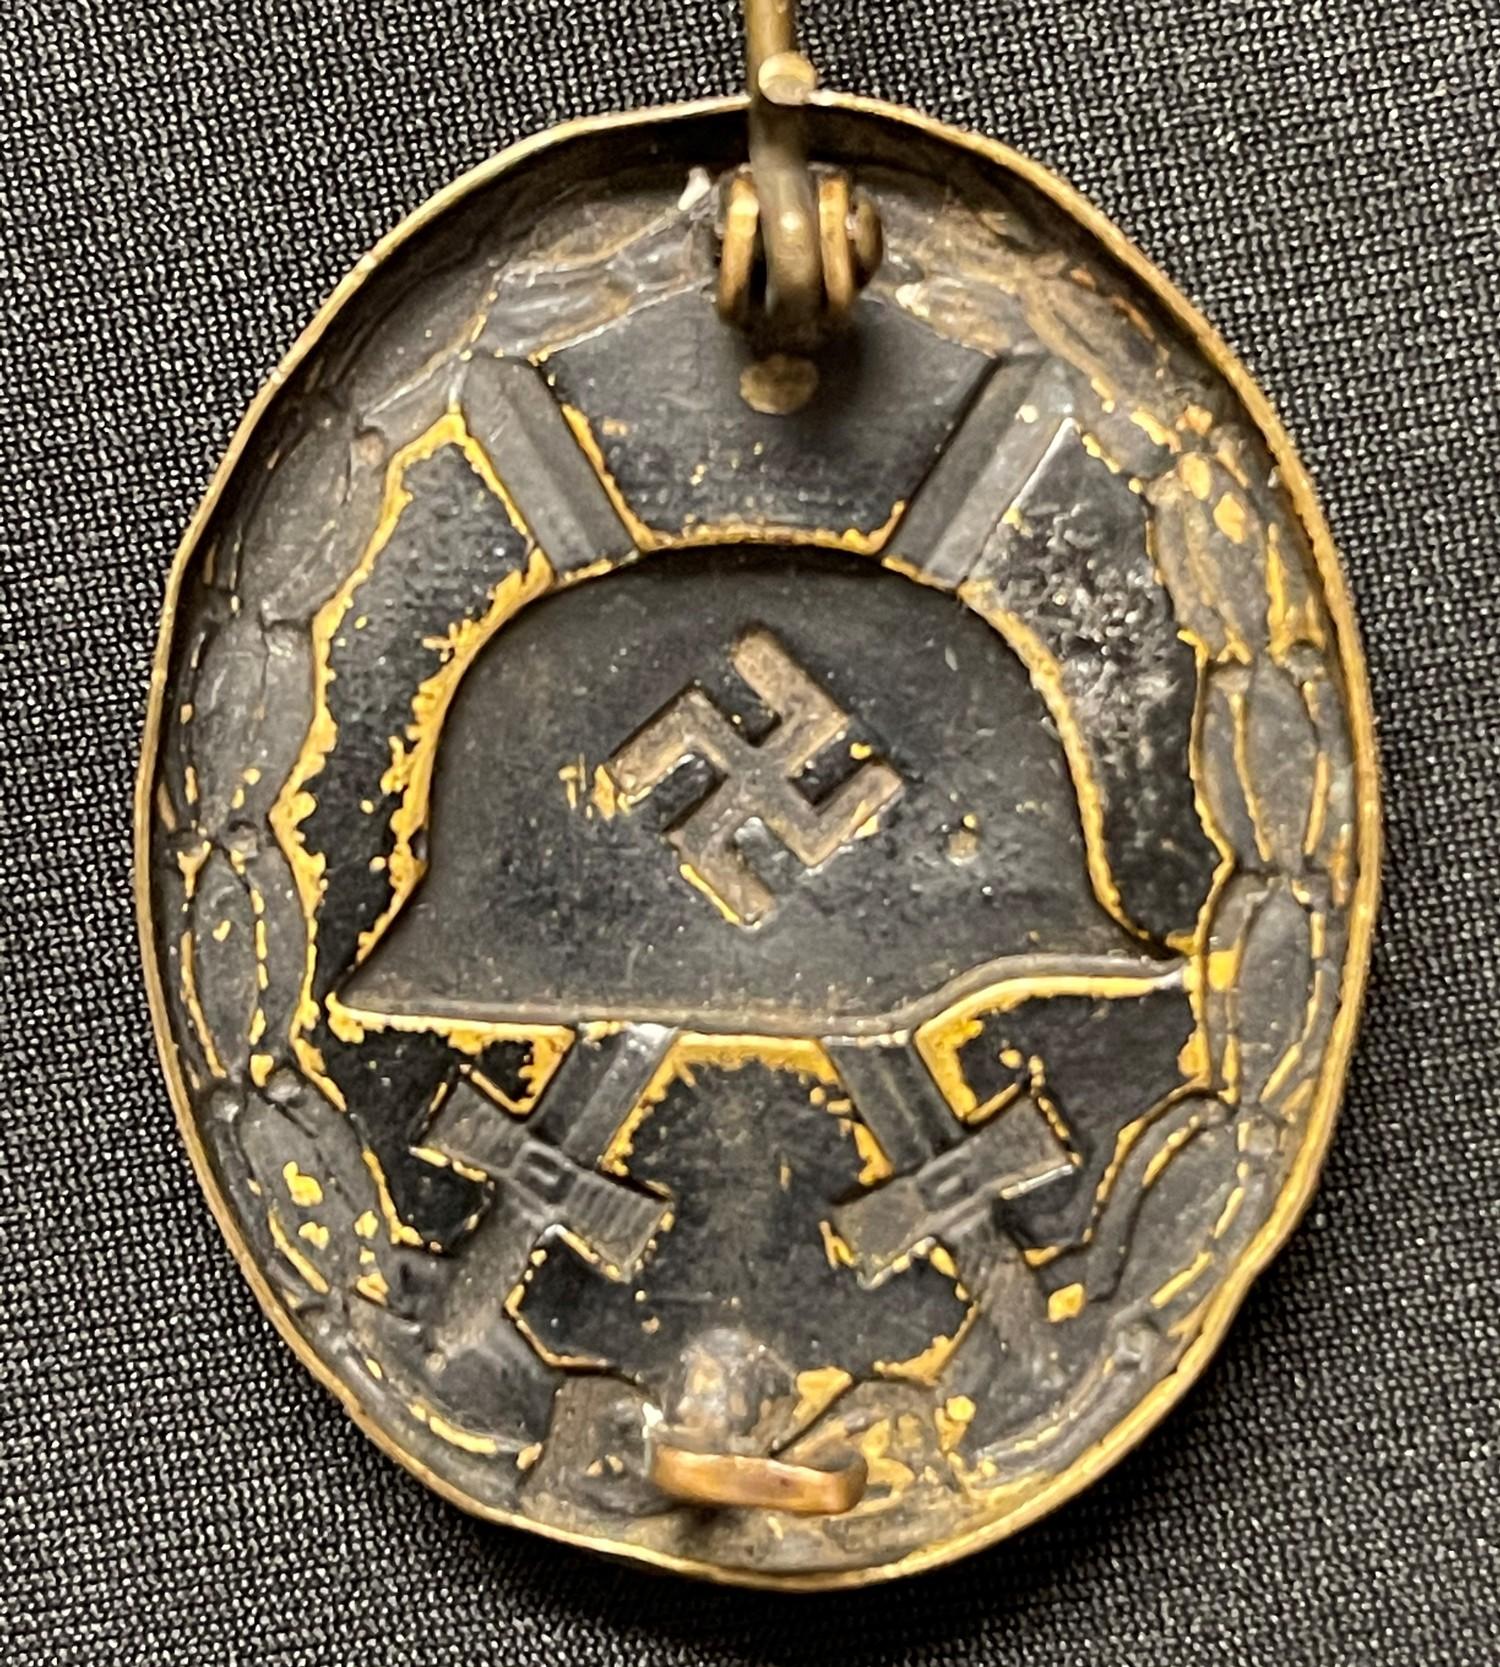 WW2 Third Reich Verwundetenabzeichen im Schwarz 1939 Wound Badge in Black 1939. Early example in - Image 2 of 4